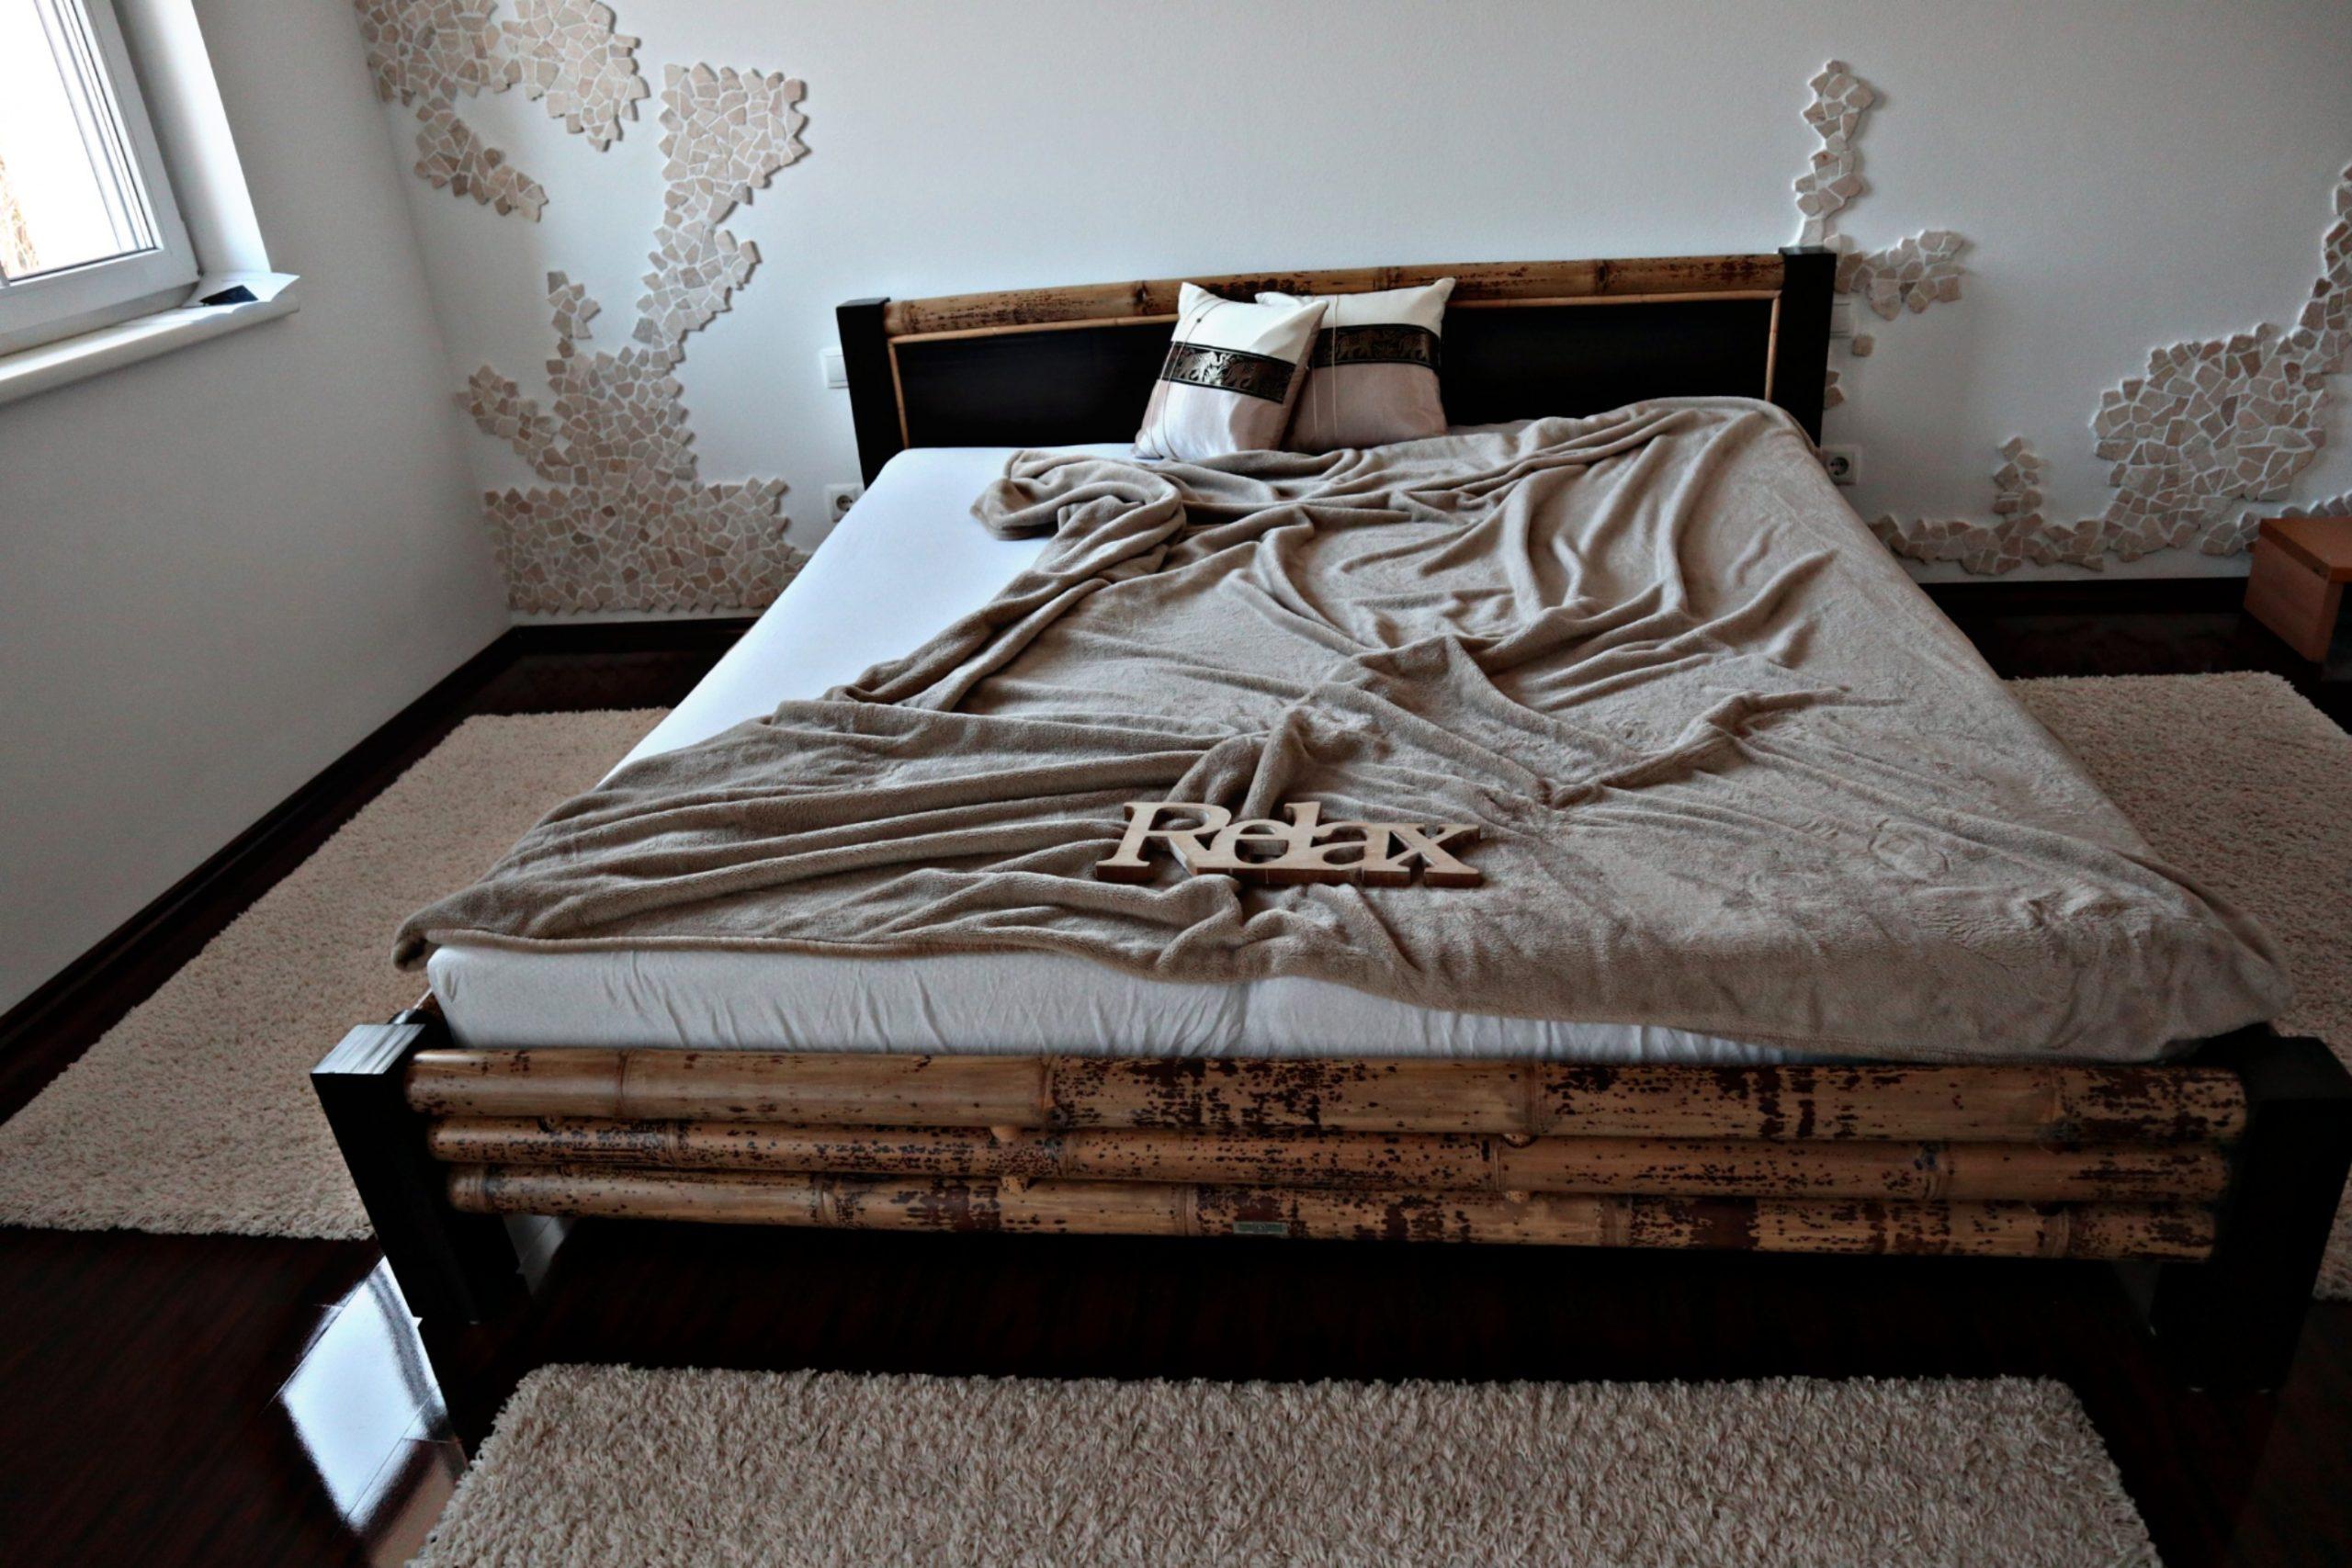 Full Size of Lampen Schlafzimmer Komplett Weiß Komplettes Tapeten Deckenlampen Für Wohnzimmer Led Günstig Landhausstil Günstige Deckenleuchte Nolte Wandtattoos Luxus Schlafzimmer Lampen Schlafzimmer